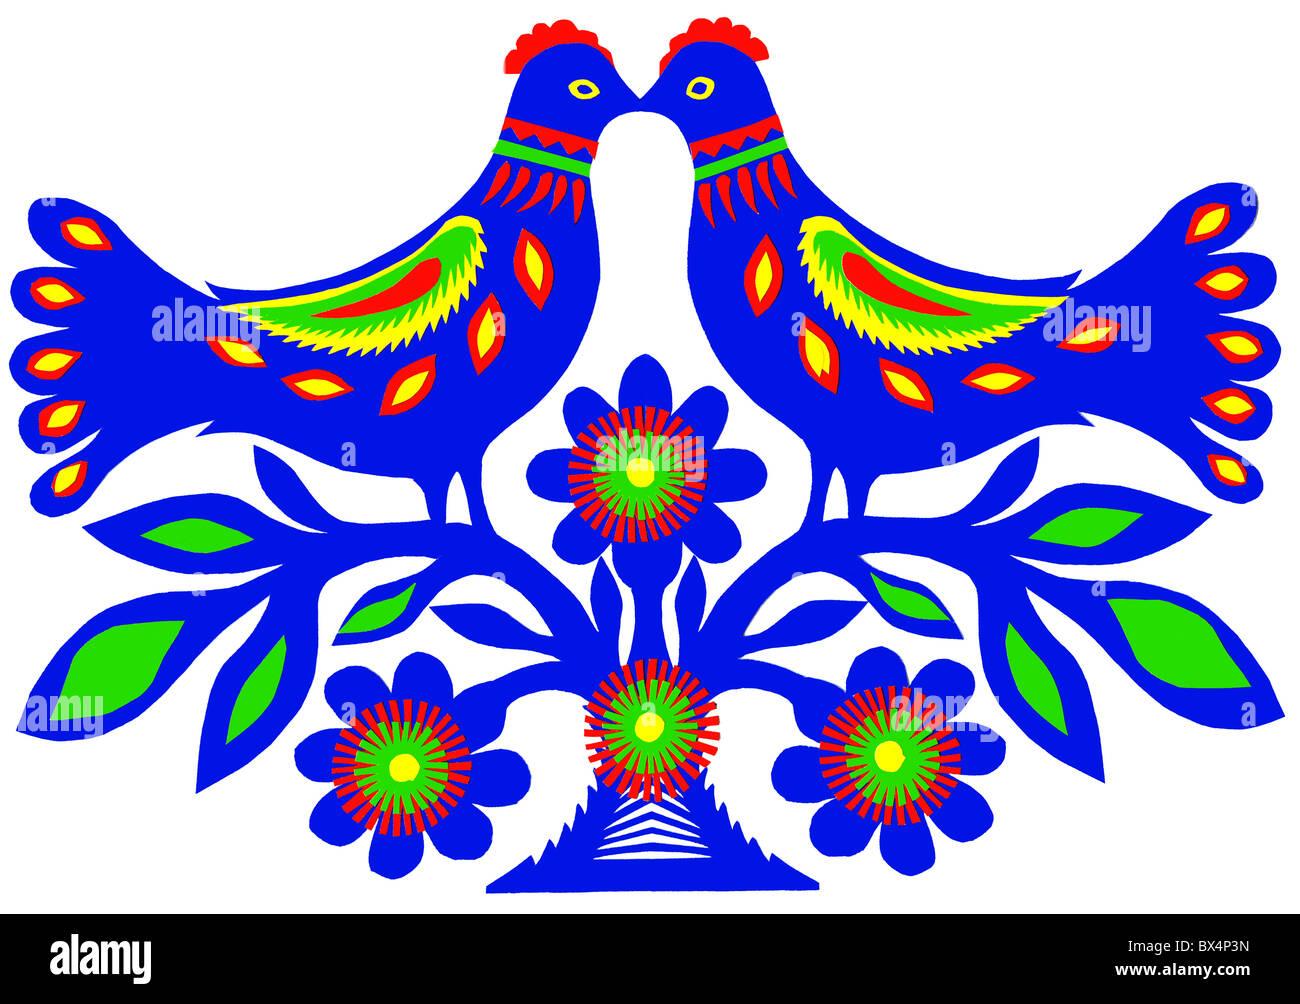 Traditional paper cutting with birds and flowers kurpie region of traditional paper cutting with birds and flowers kurpie region of poland by apolonia nowak from kadzidlo mazowsze poland europe mightylinksfo